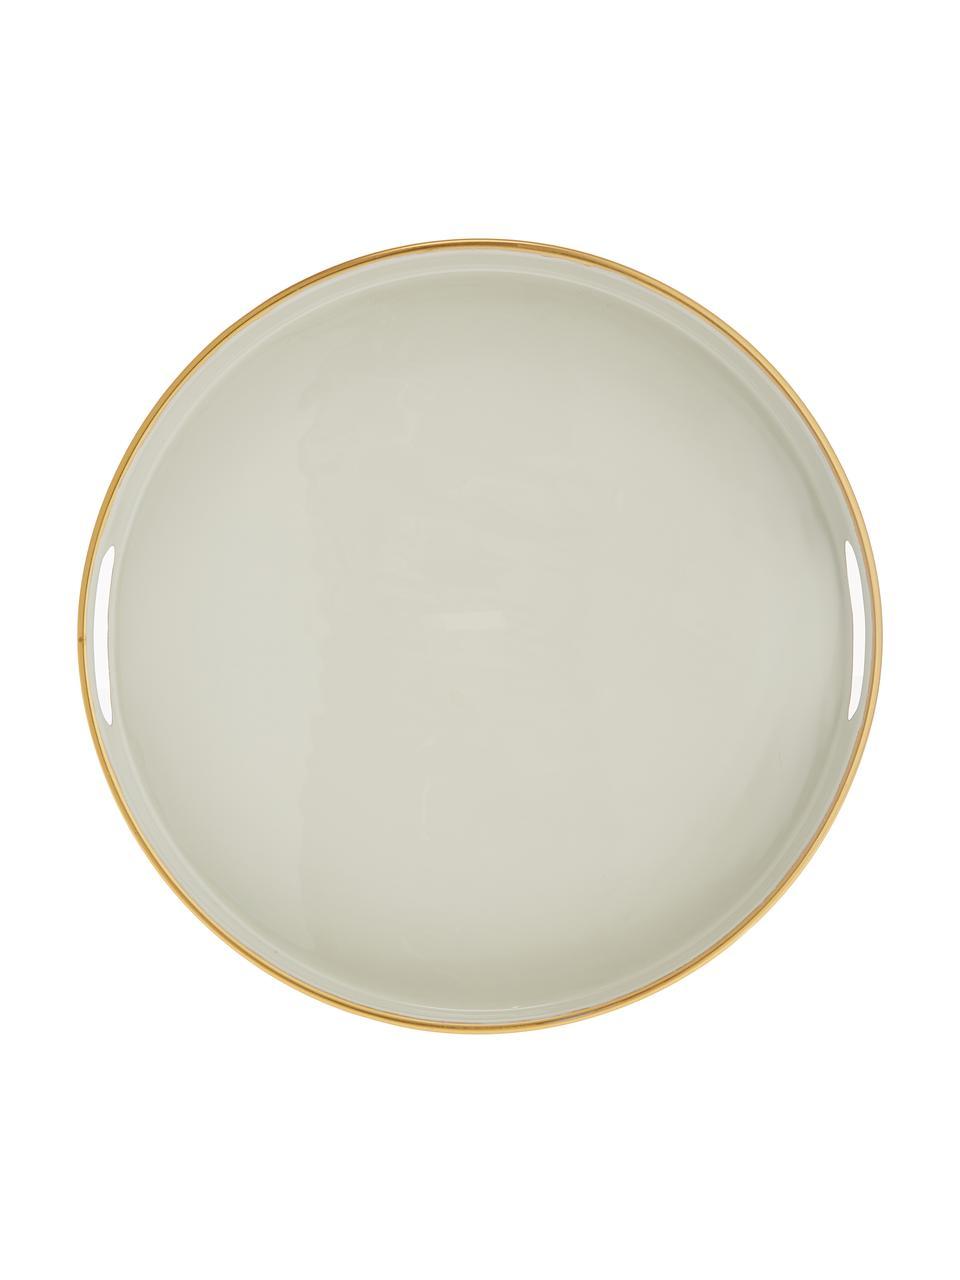 Rond dienblad Dining, Gecoat metaal, Lichtgrijs, goudkleurig, Ø 38 x H 5 cm